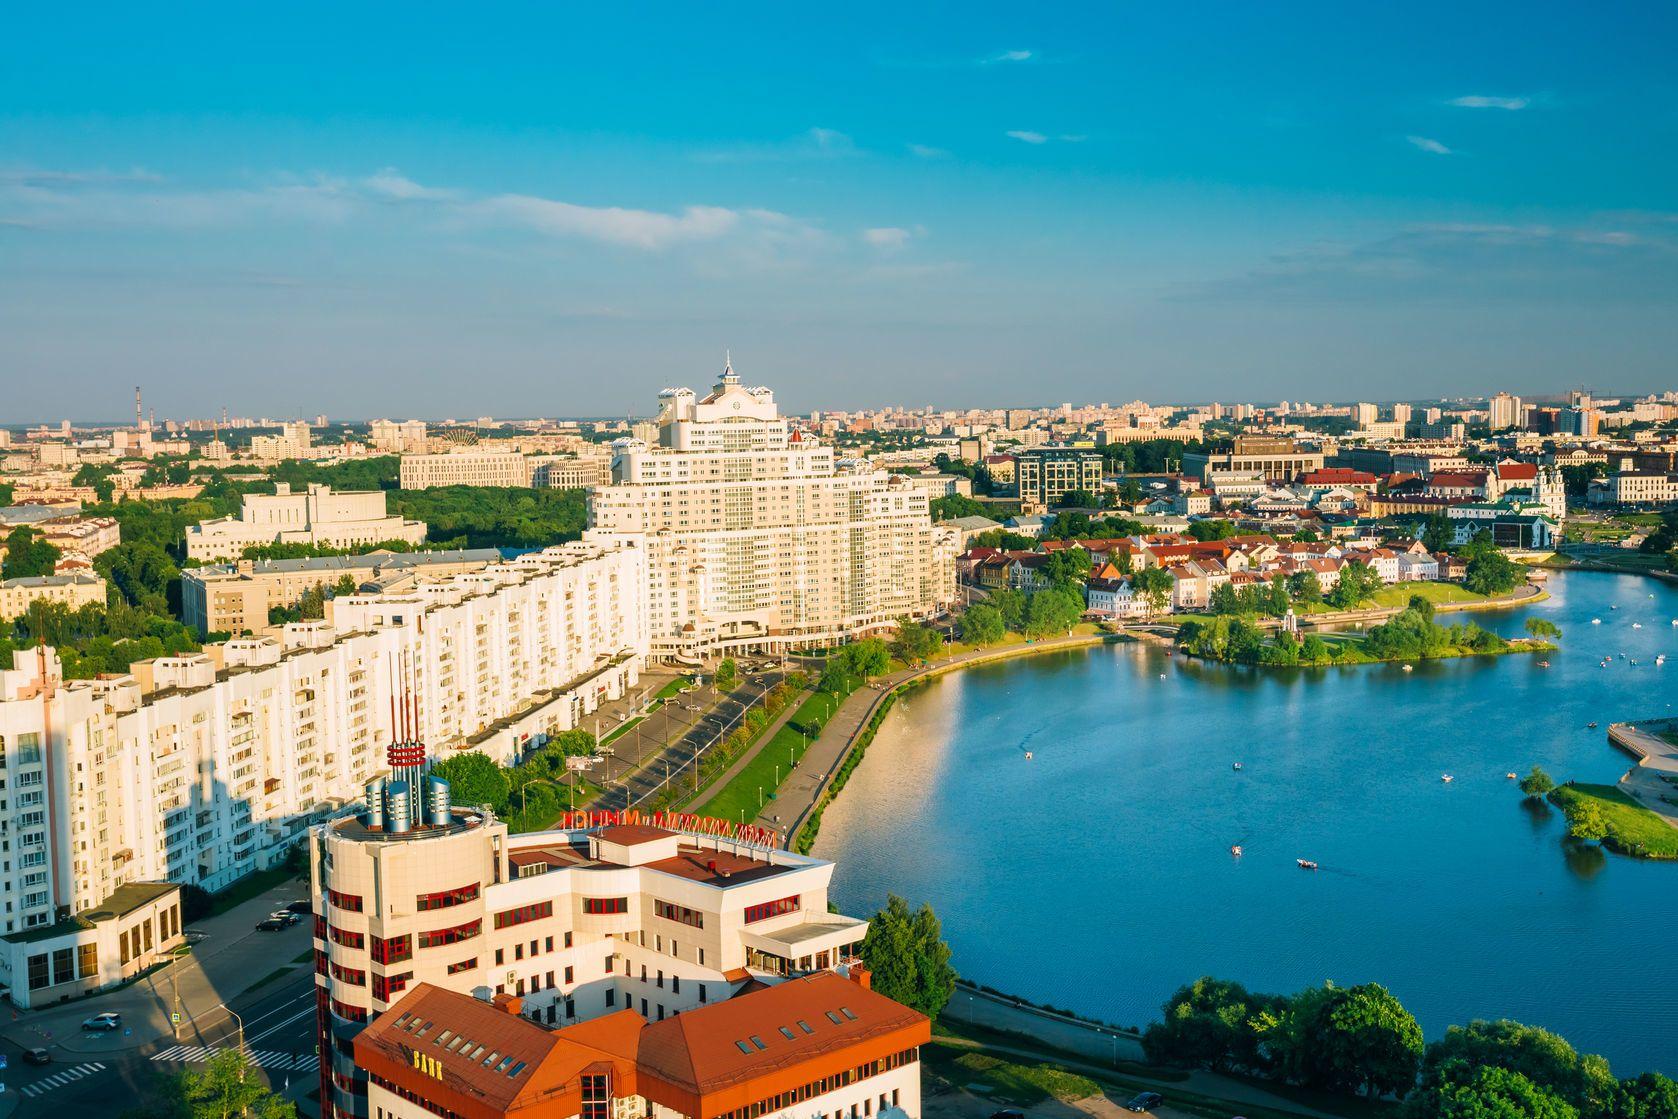 Pohled na Minsk v Bělorusku | grigory_bruev/123RF.com